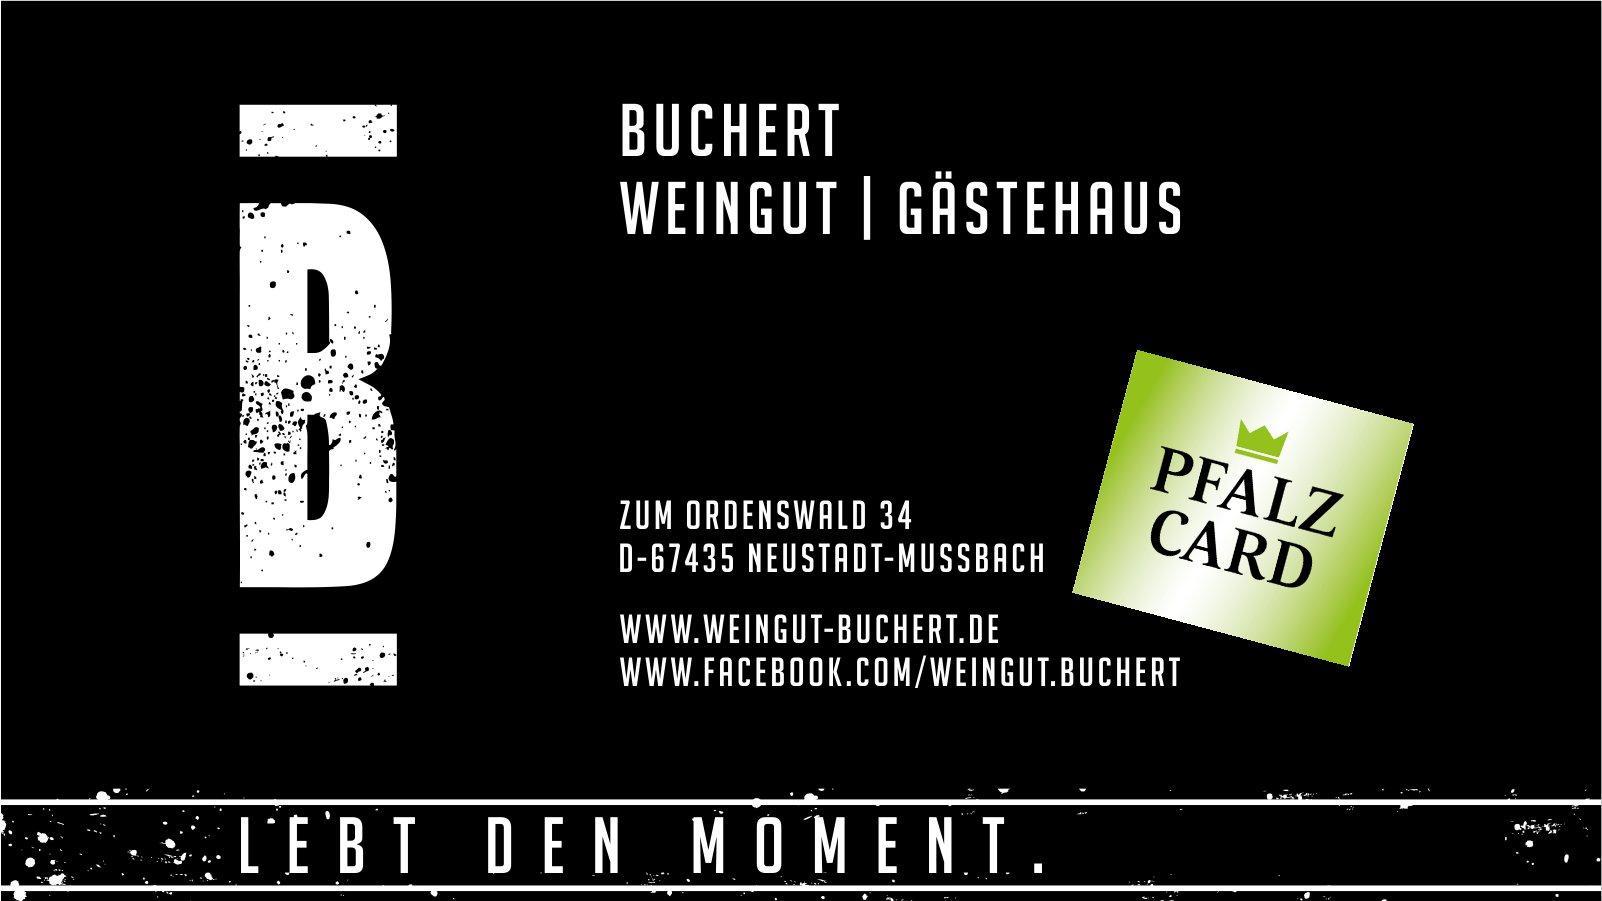 gaestehaus-buchert-pfalz-winzer-urlaub-pfalzcard